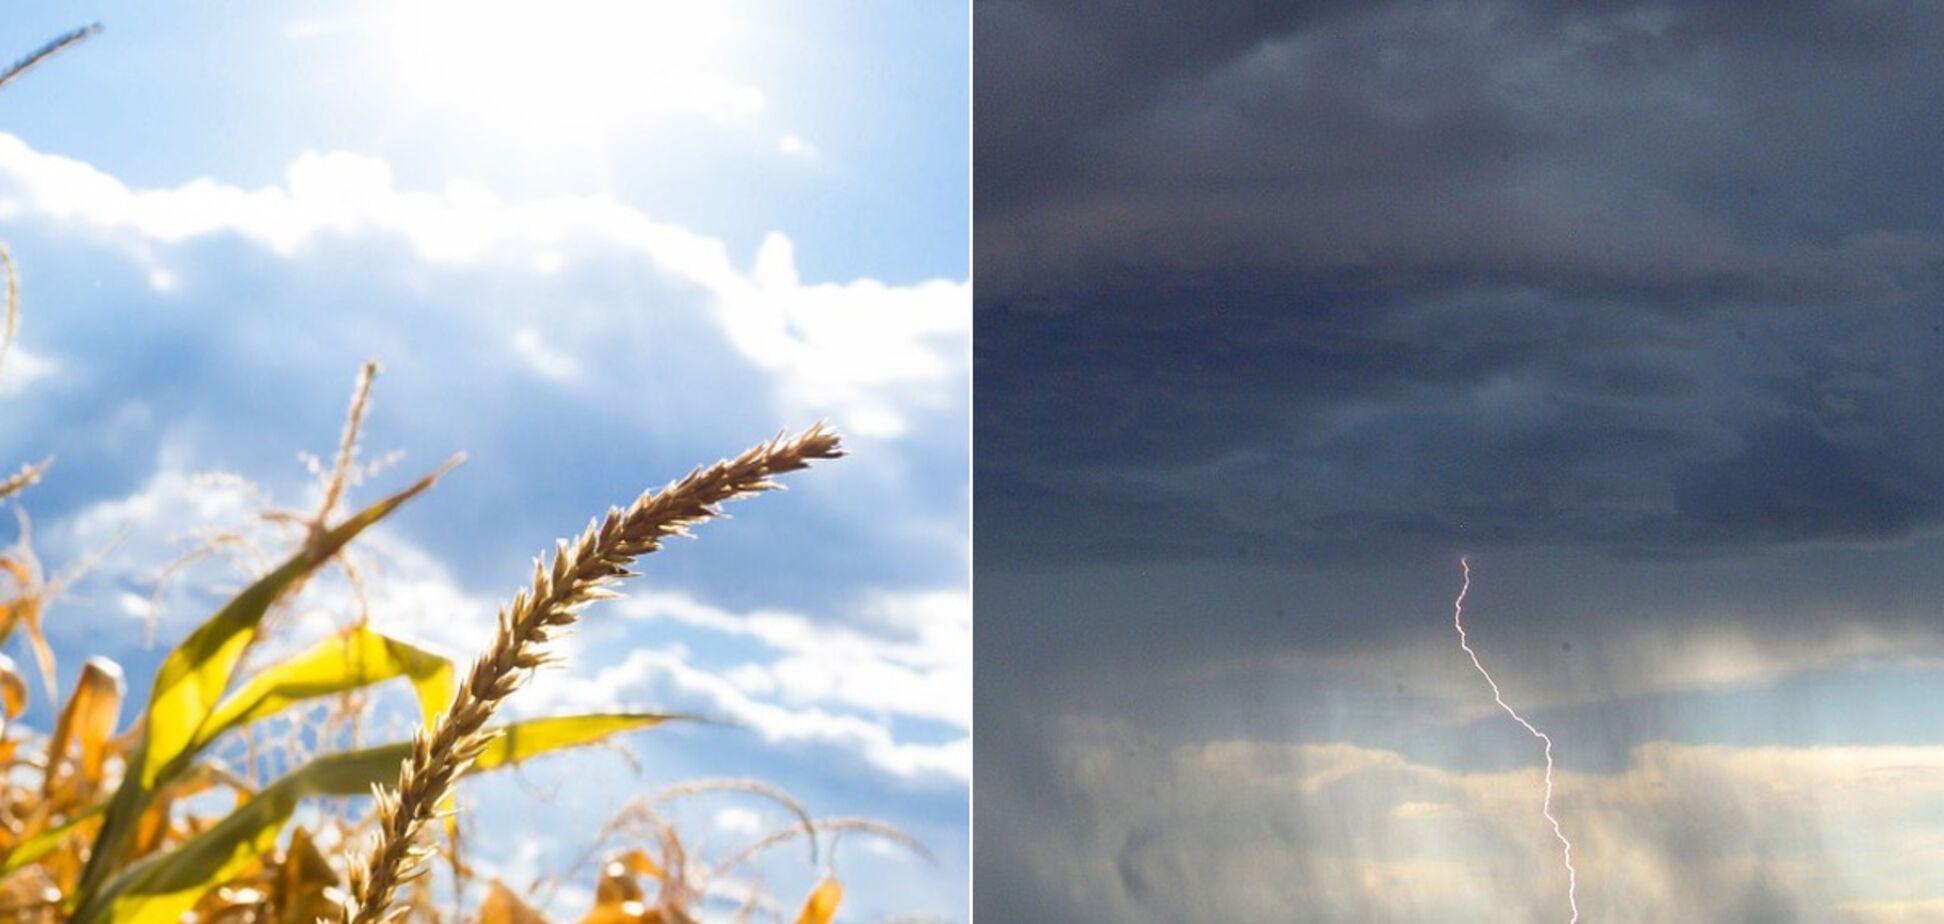 Когда потеплеет в Украине: синоптик дал прогноз и предупредил о скачках температуры